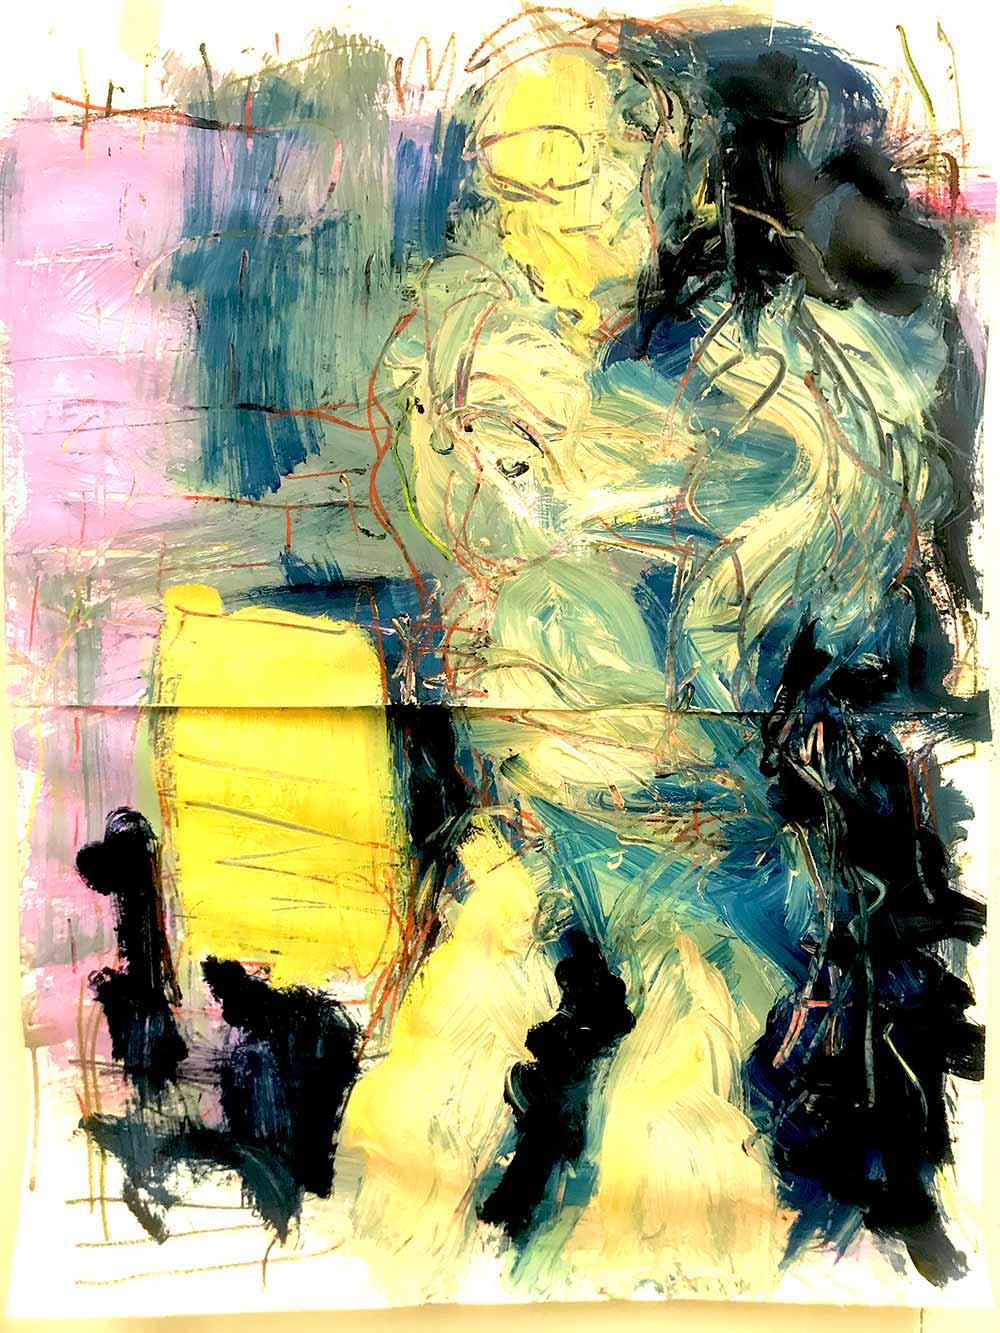 nude-one-mongi-higgs-artist-painter-kuenstler-maler